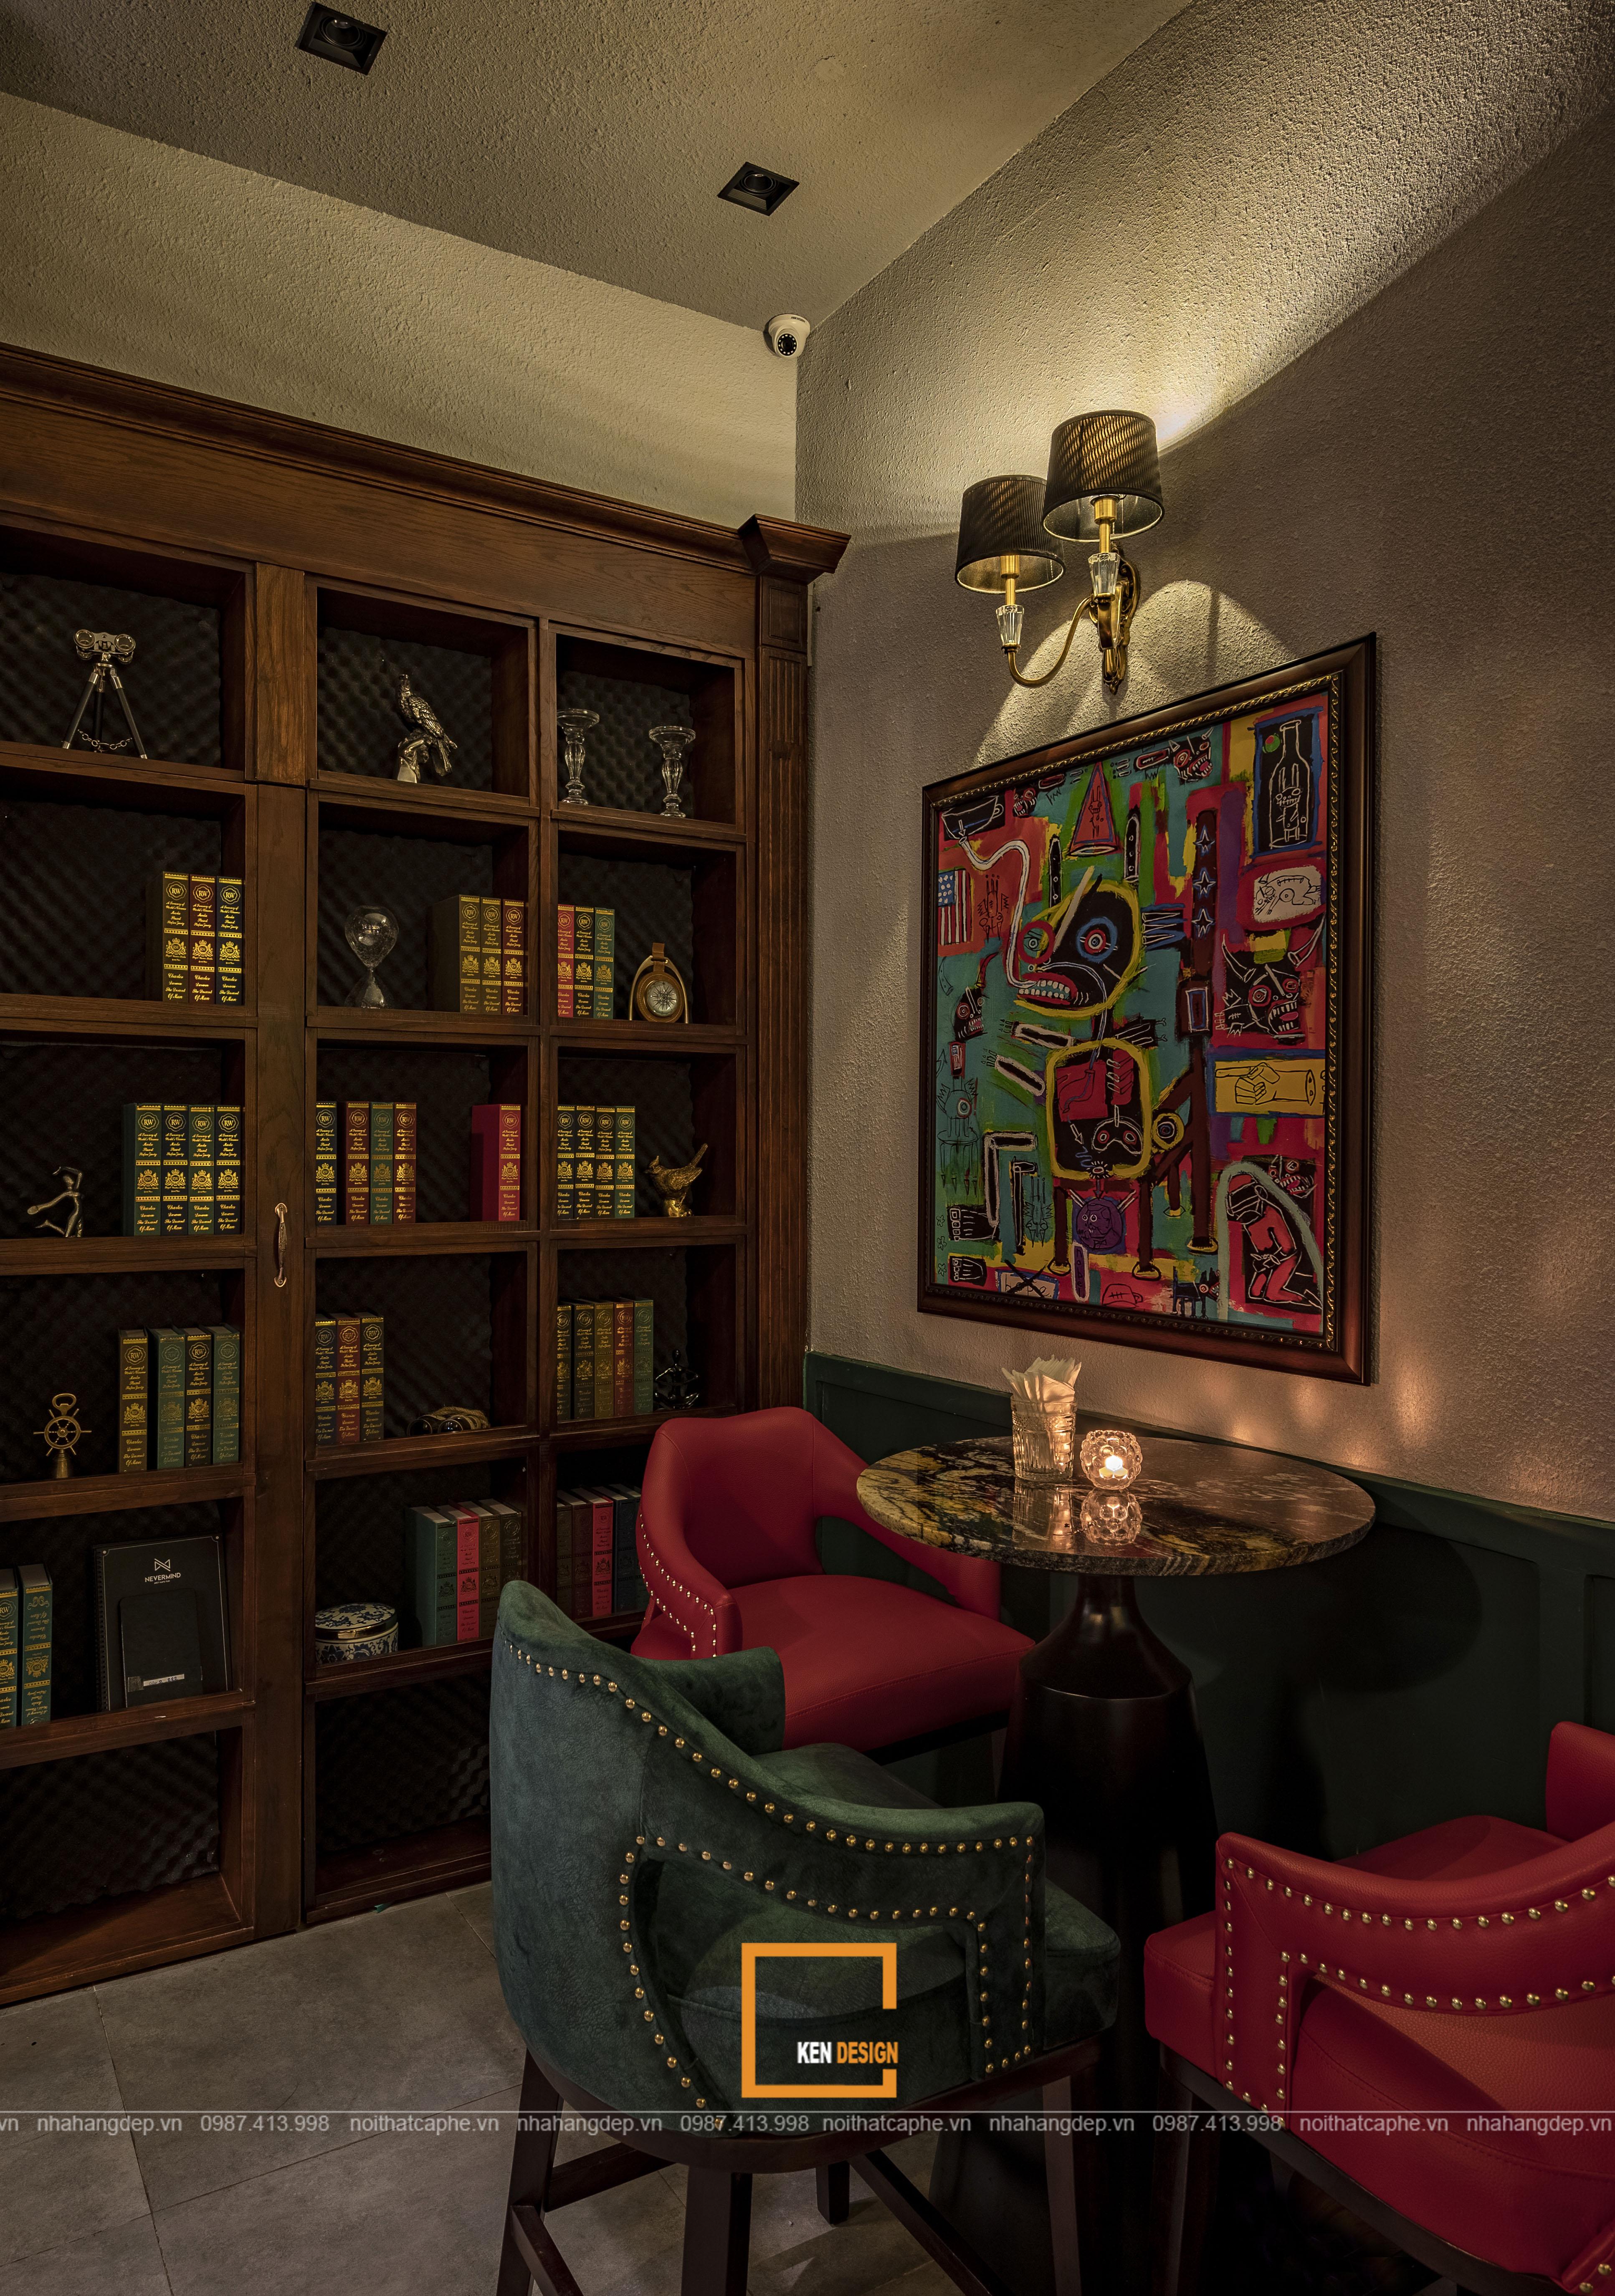 Nội thất trong các mẫu thiết kế bar lounge